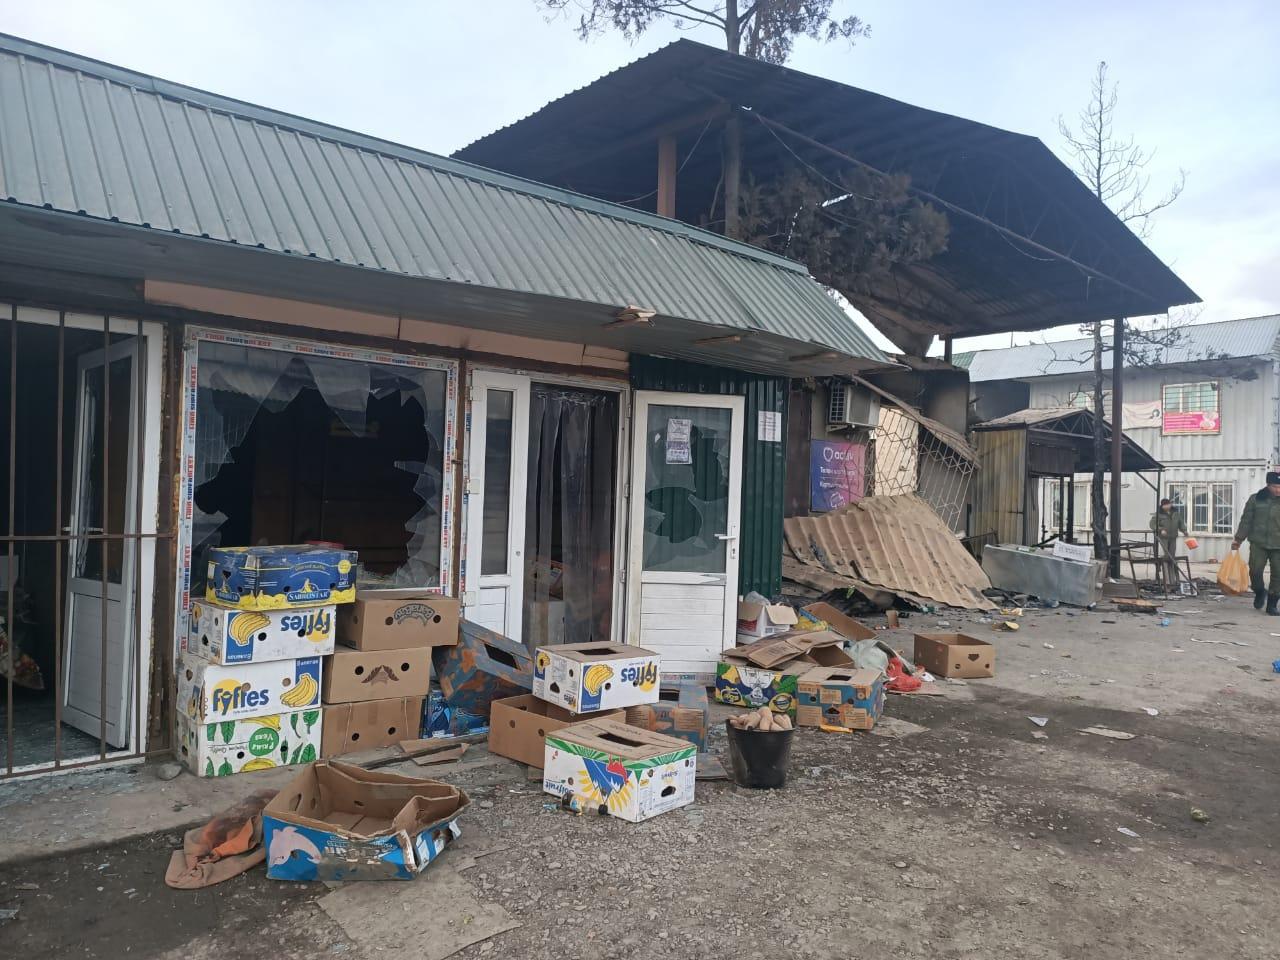 Разрушенные во время беспорядков на юге Казахстана дома будут восстановлены – вице-премьер Сапарбаев